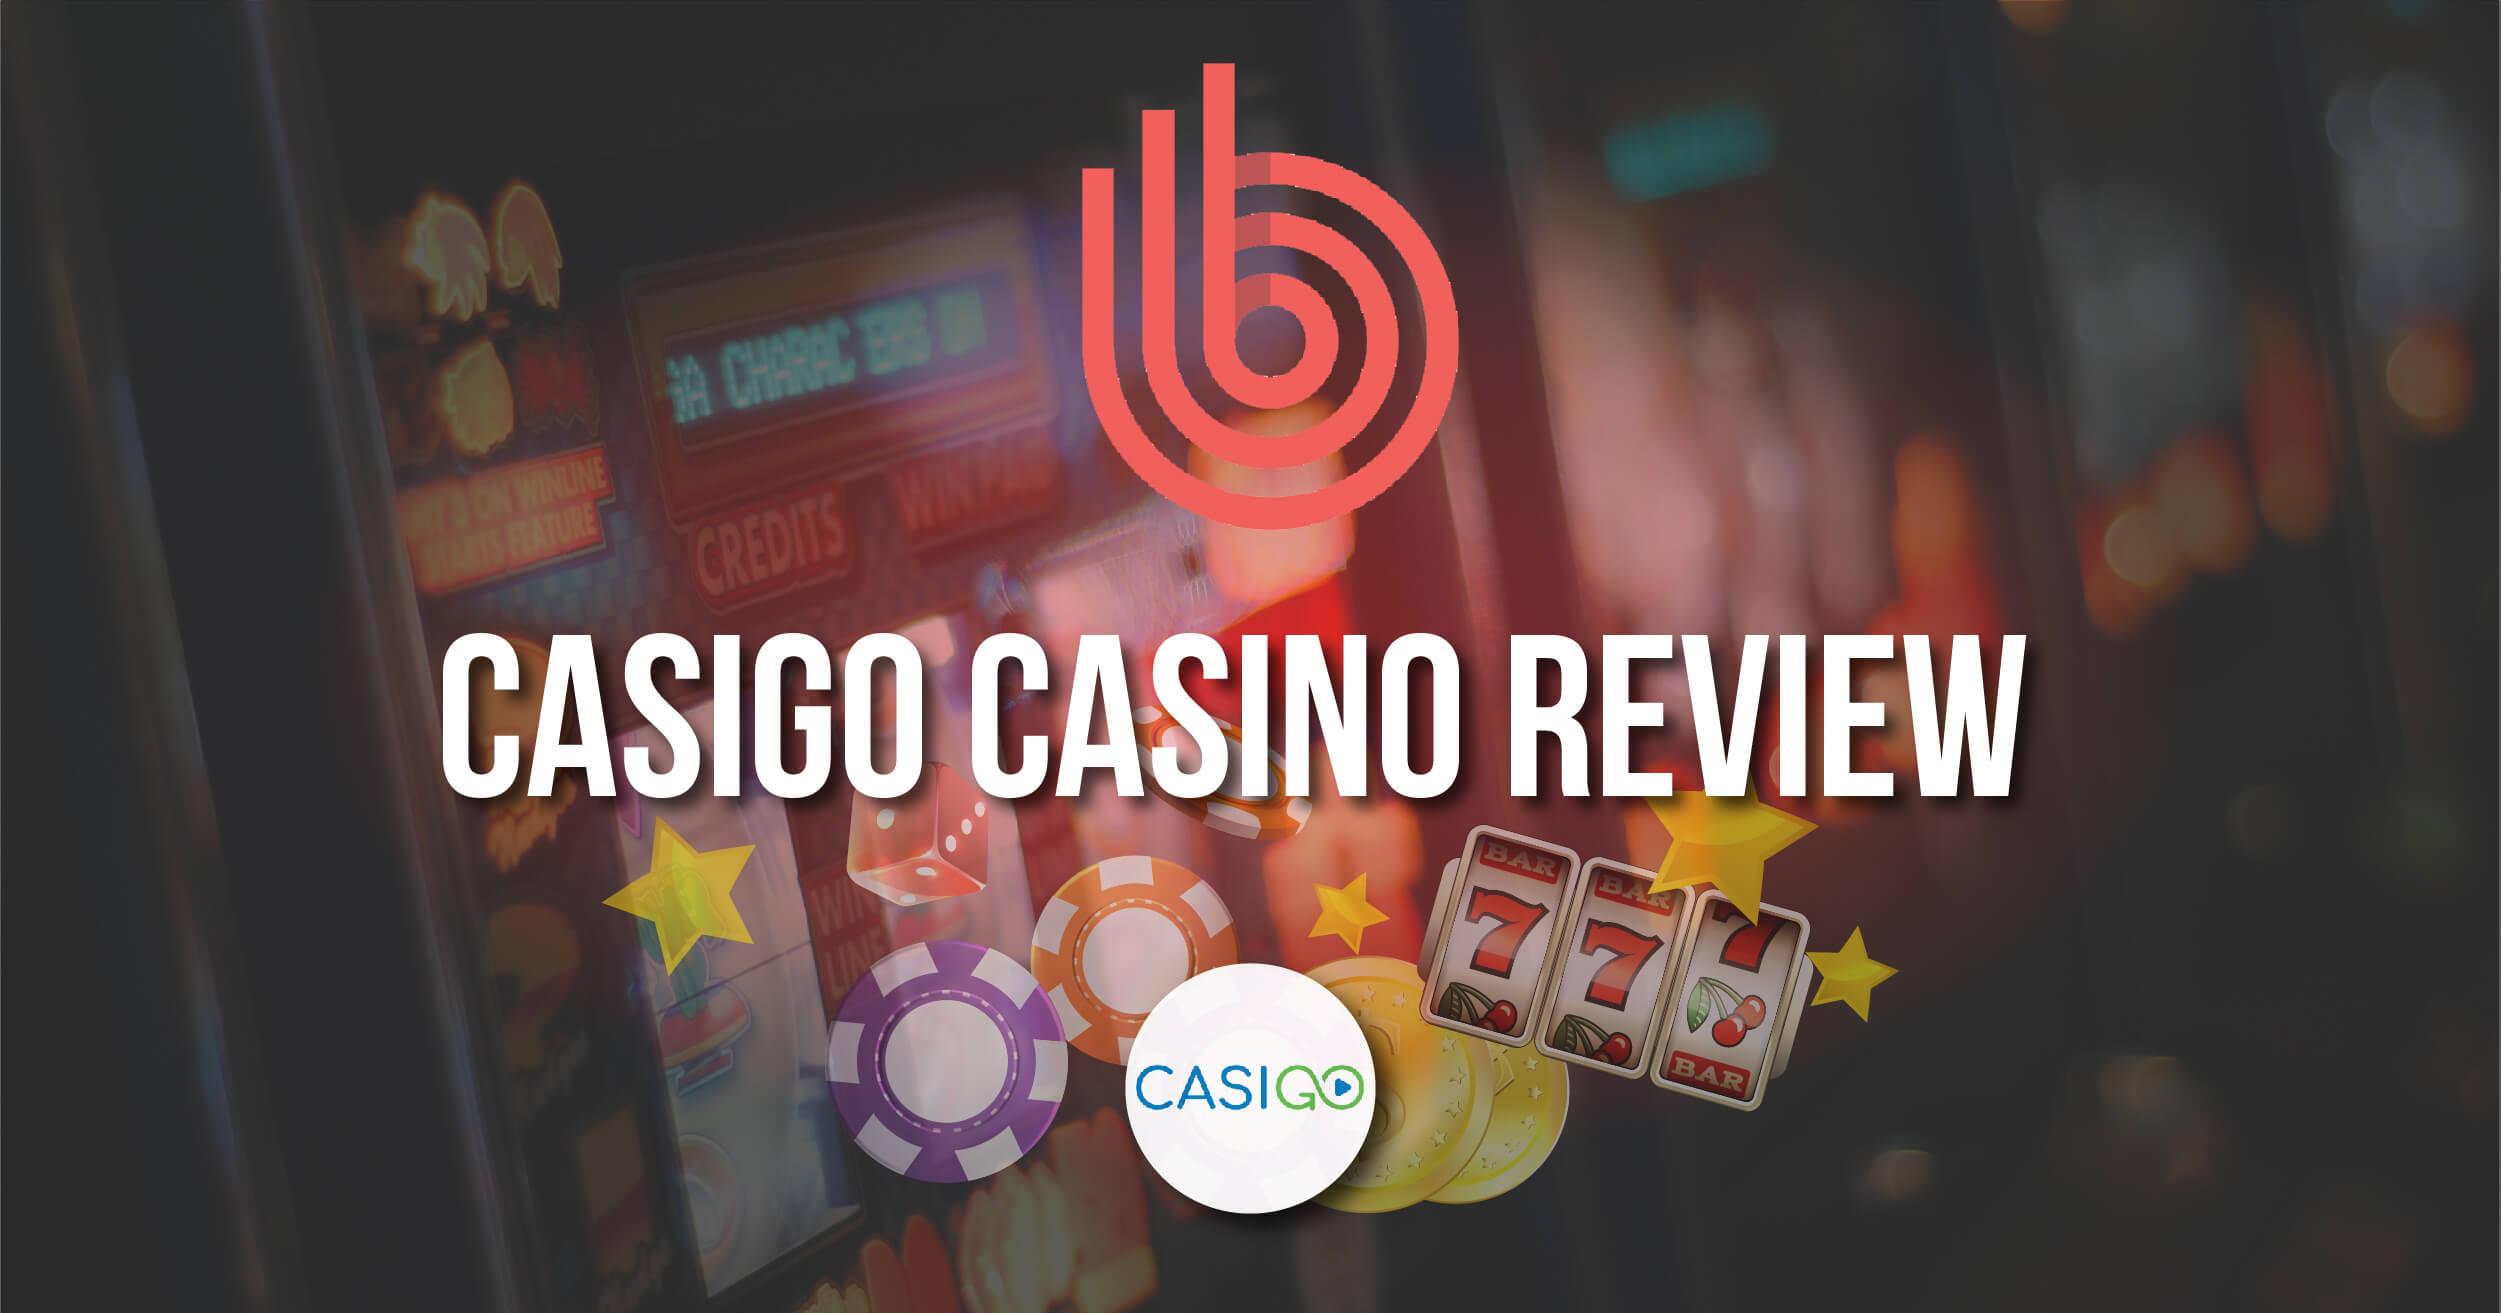 Casigo Casino Review